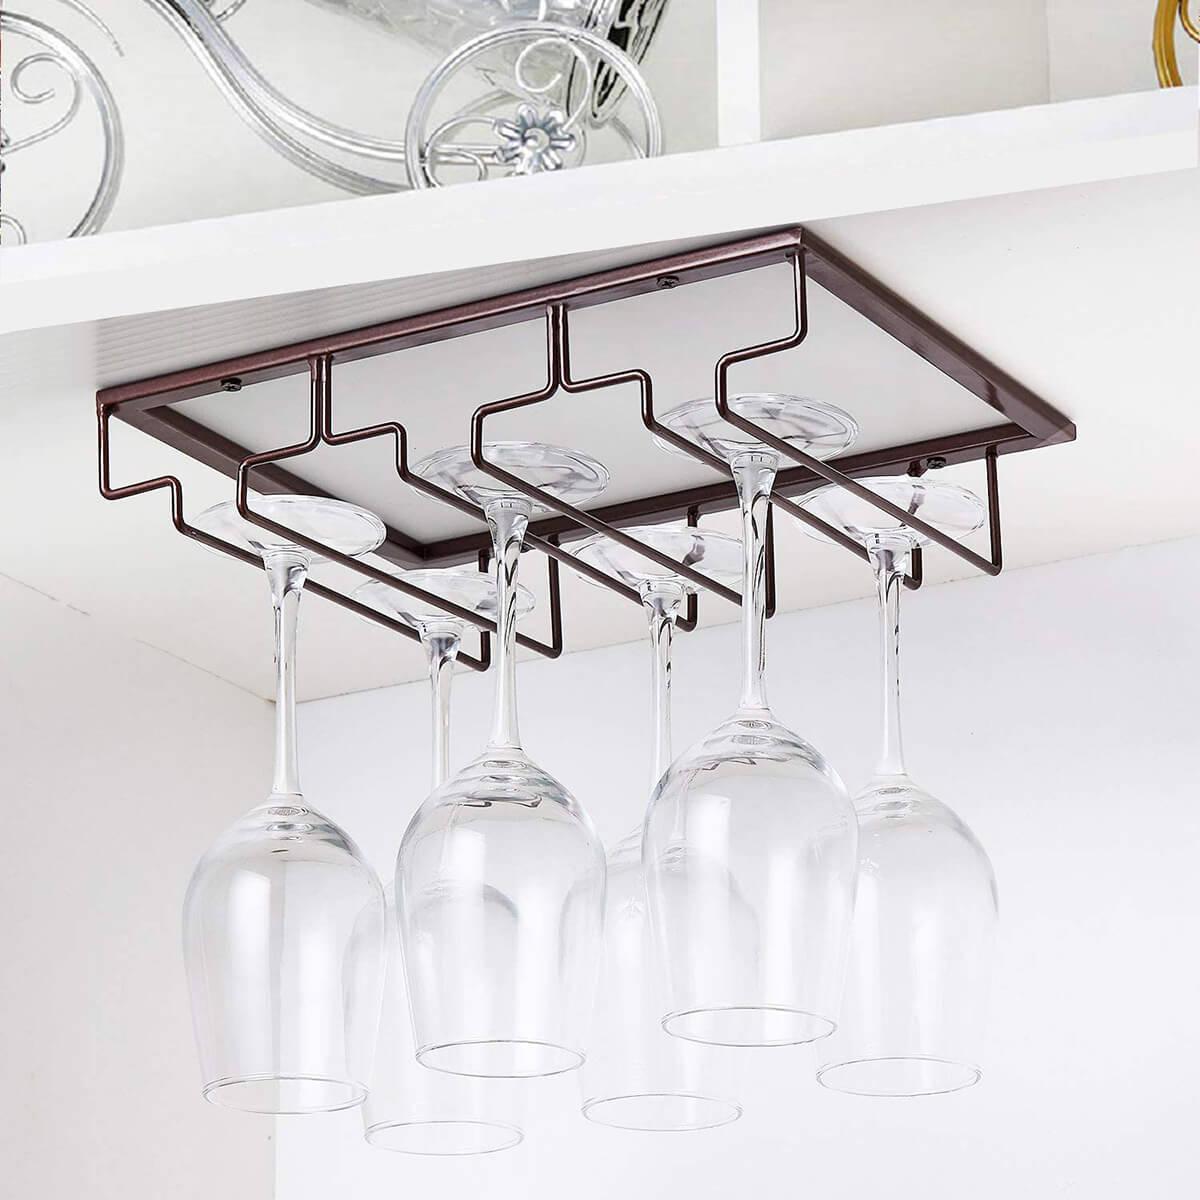 Under the Cabinet Wine Glass Storage